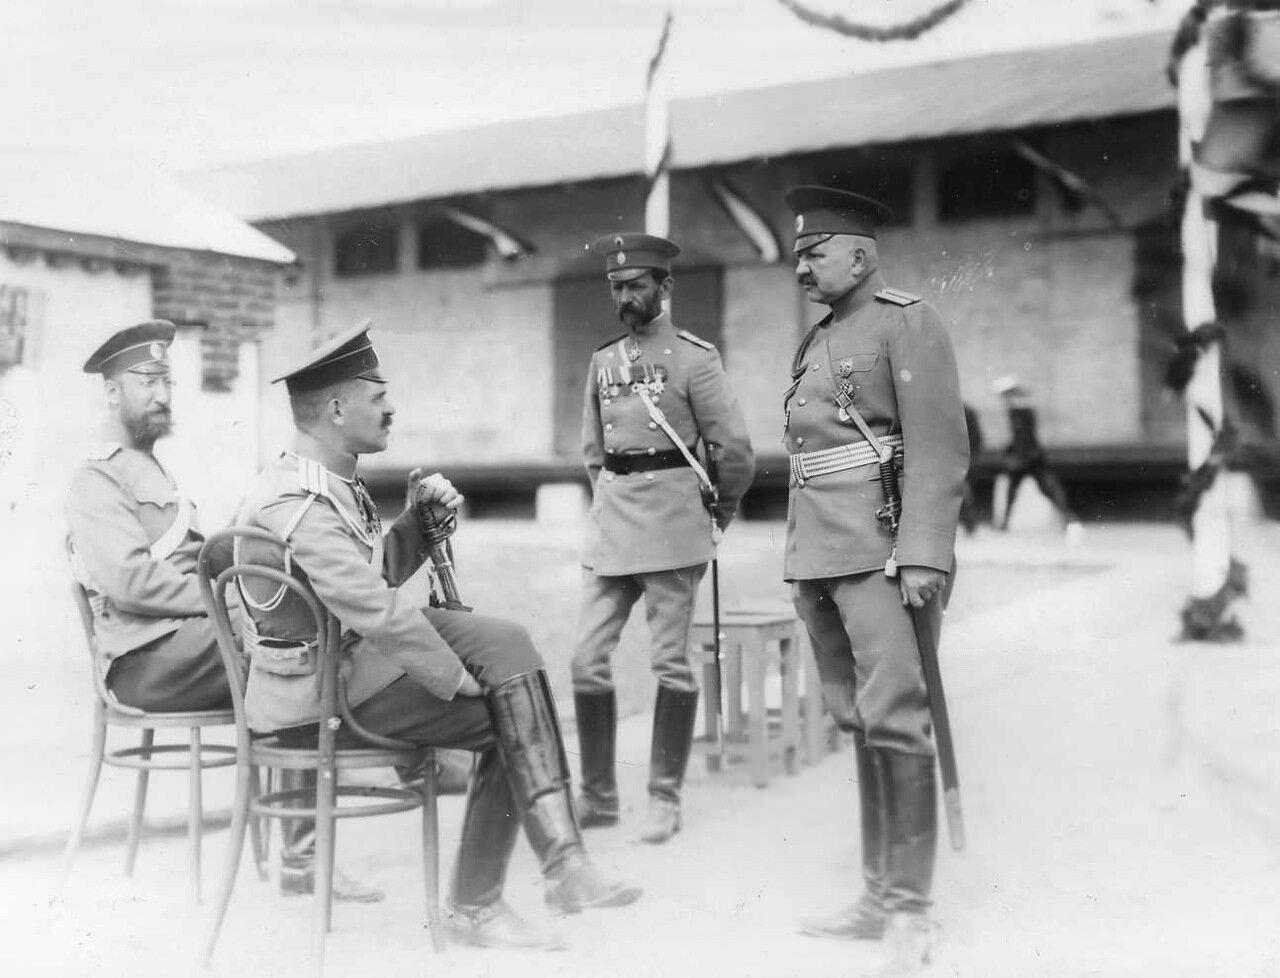 05. Группа офицеров на берегу в ожидании прибытия германского императора Вильгельма II.